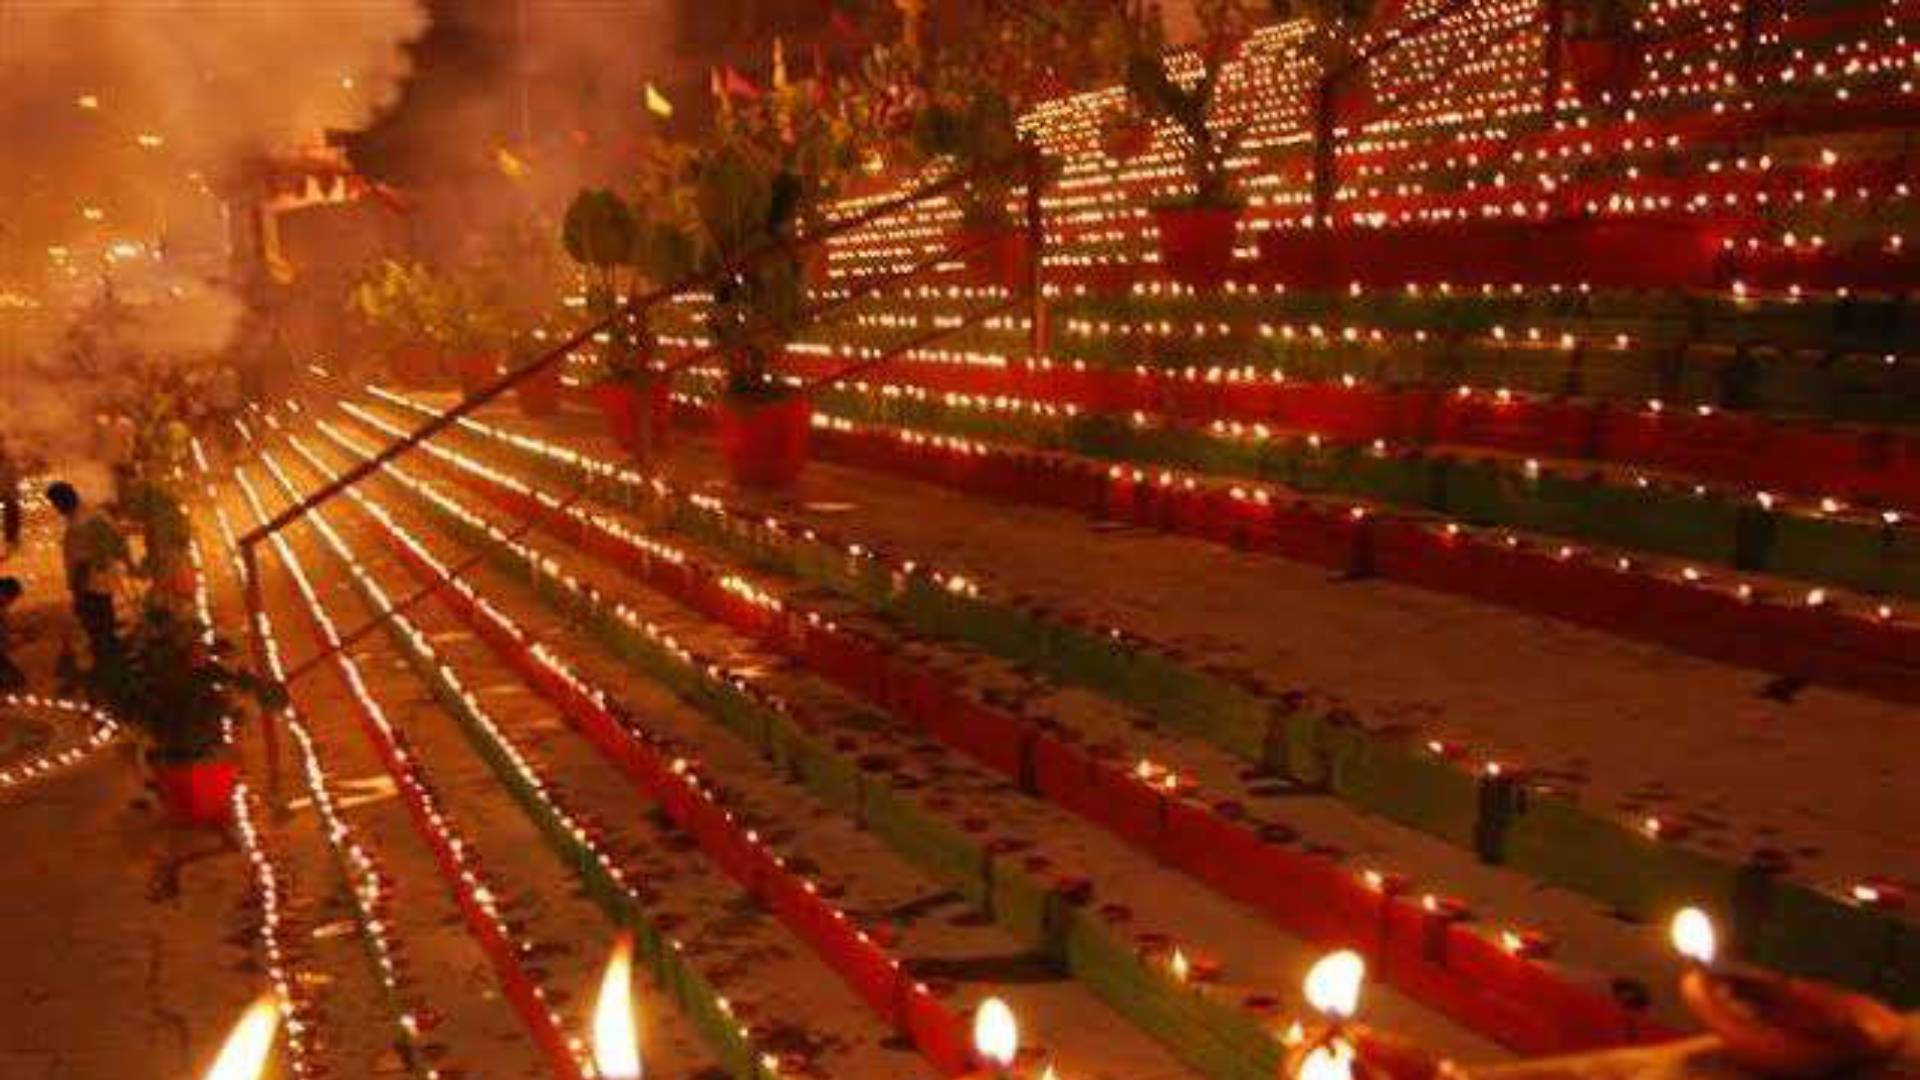 जानिए क्यों मनाया जाता है देव दिवाली का त्योहार? क्या है इसका महत्व और पूजा का शुभ मुहूर्त